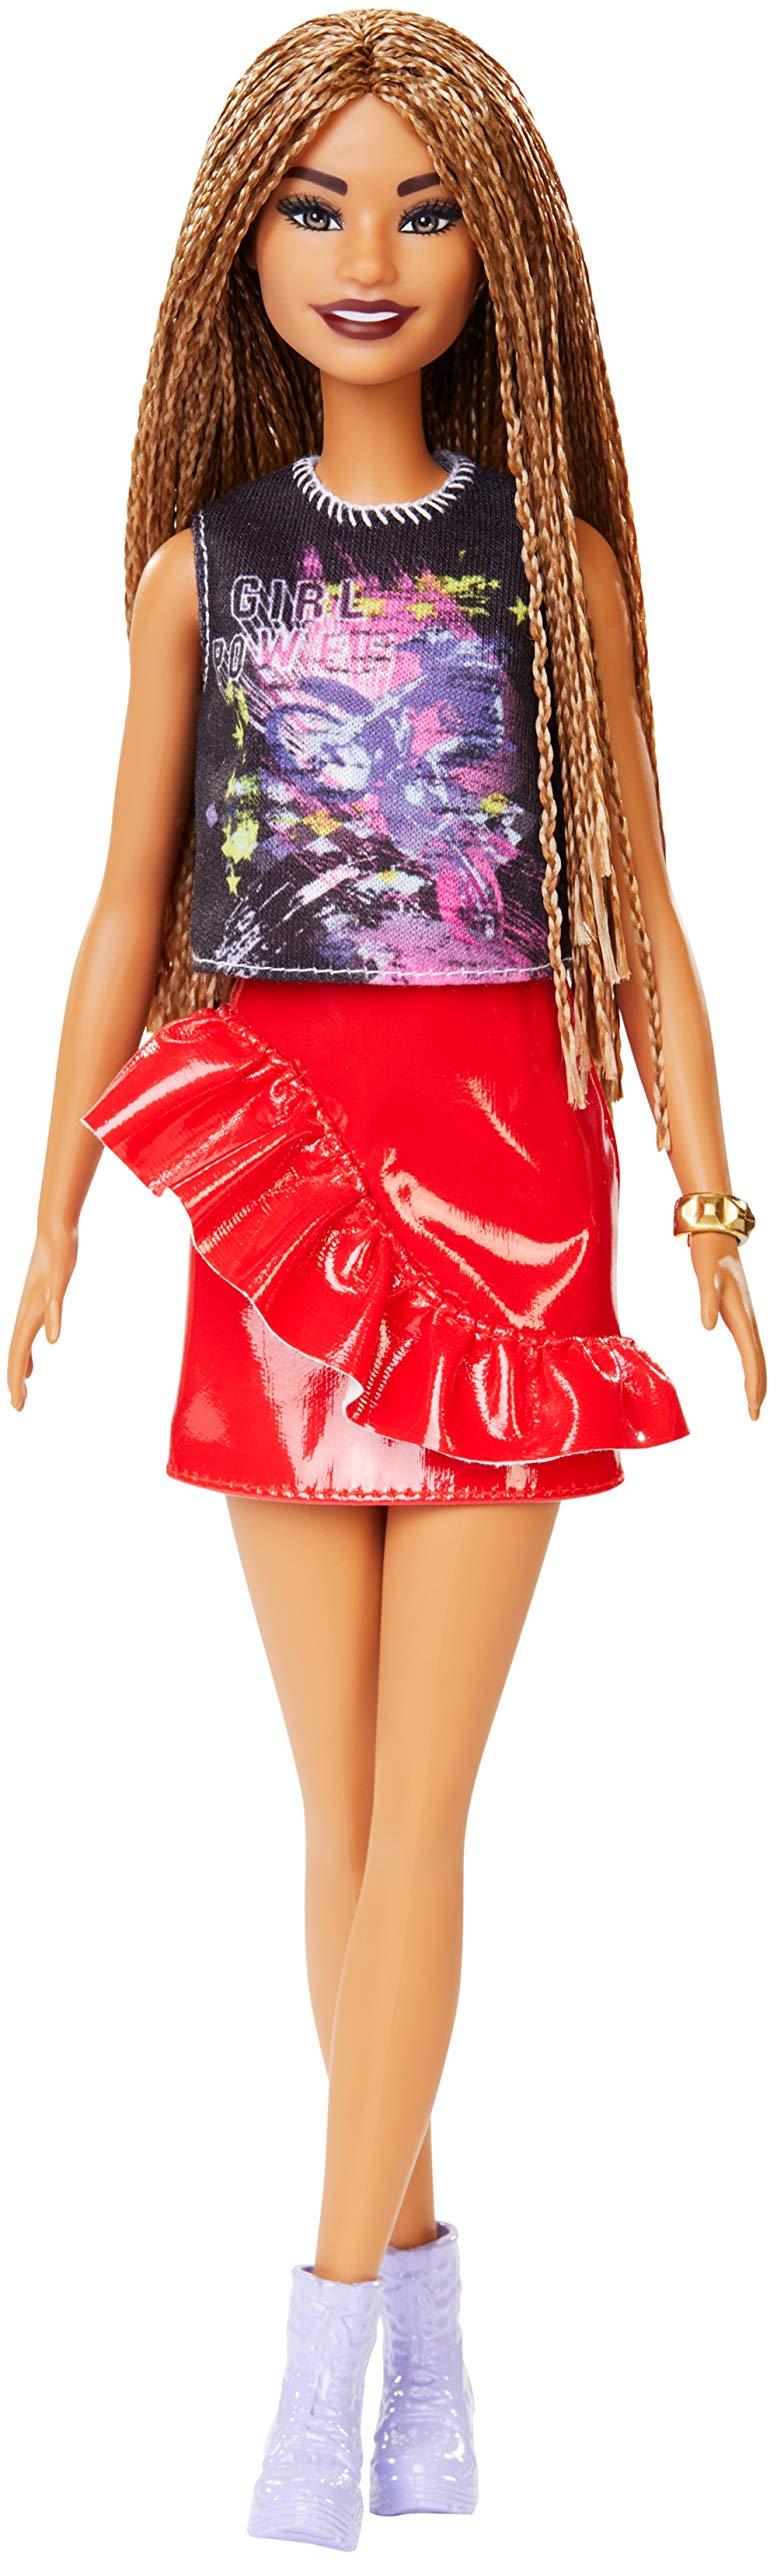 Barbie Fashionistas Doll #123